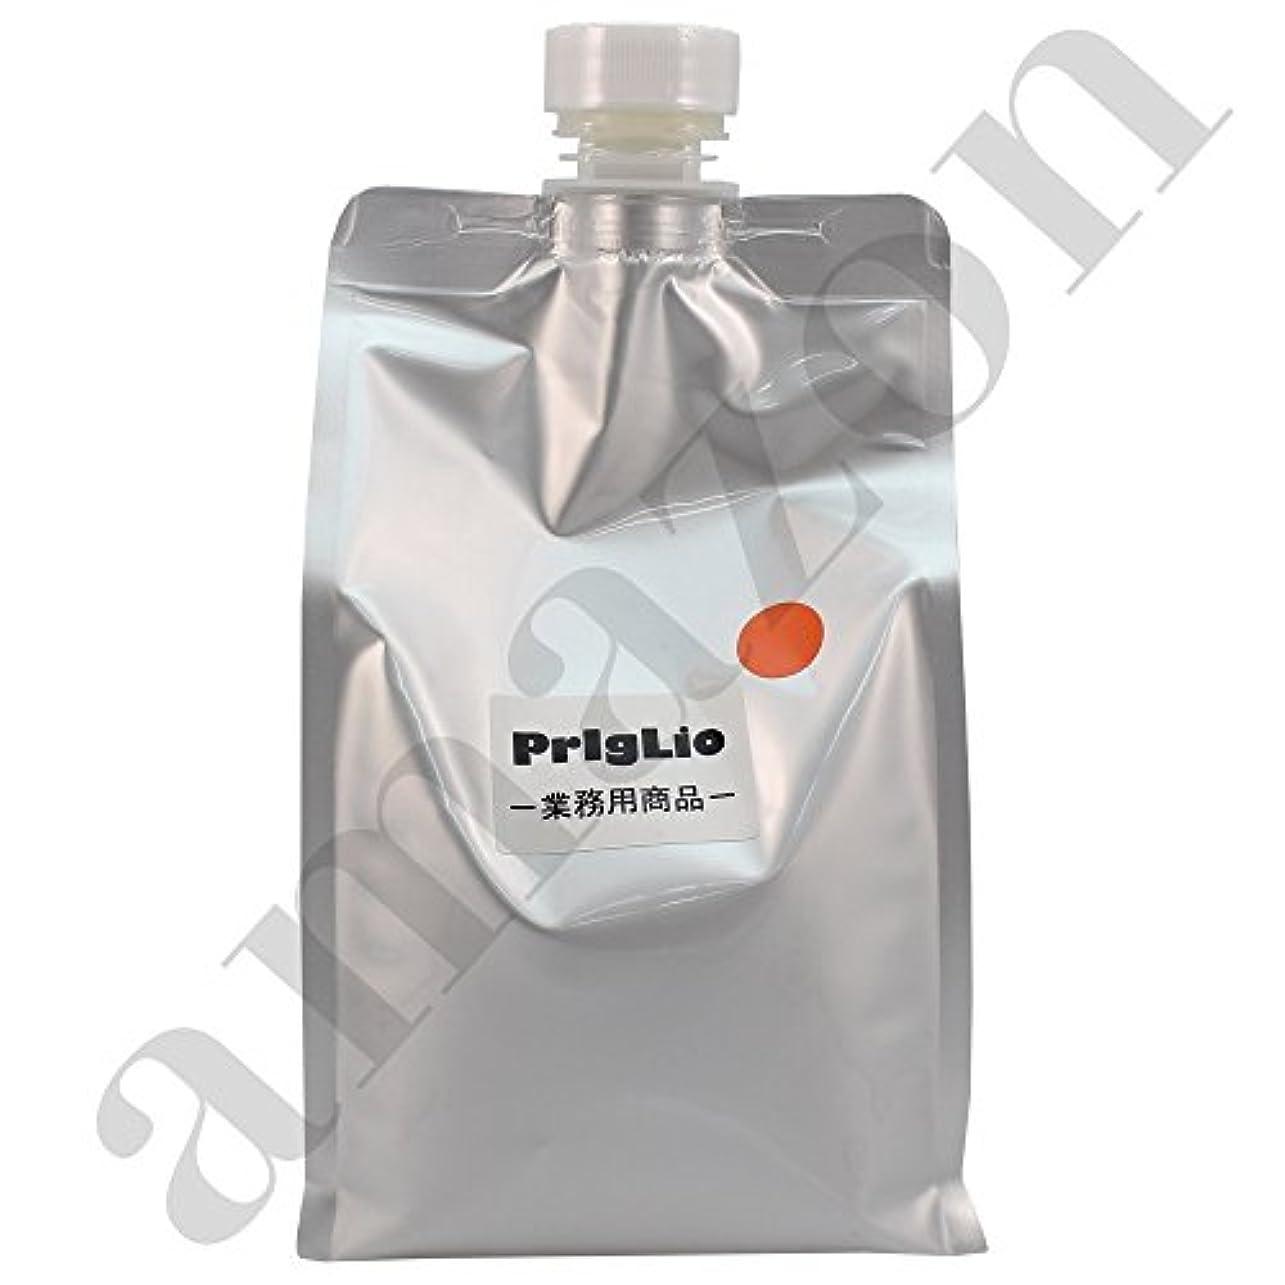 怠な投資する毎日PrigLio(プリグリオ) D オレンジシャンプー 900ml